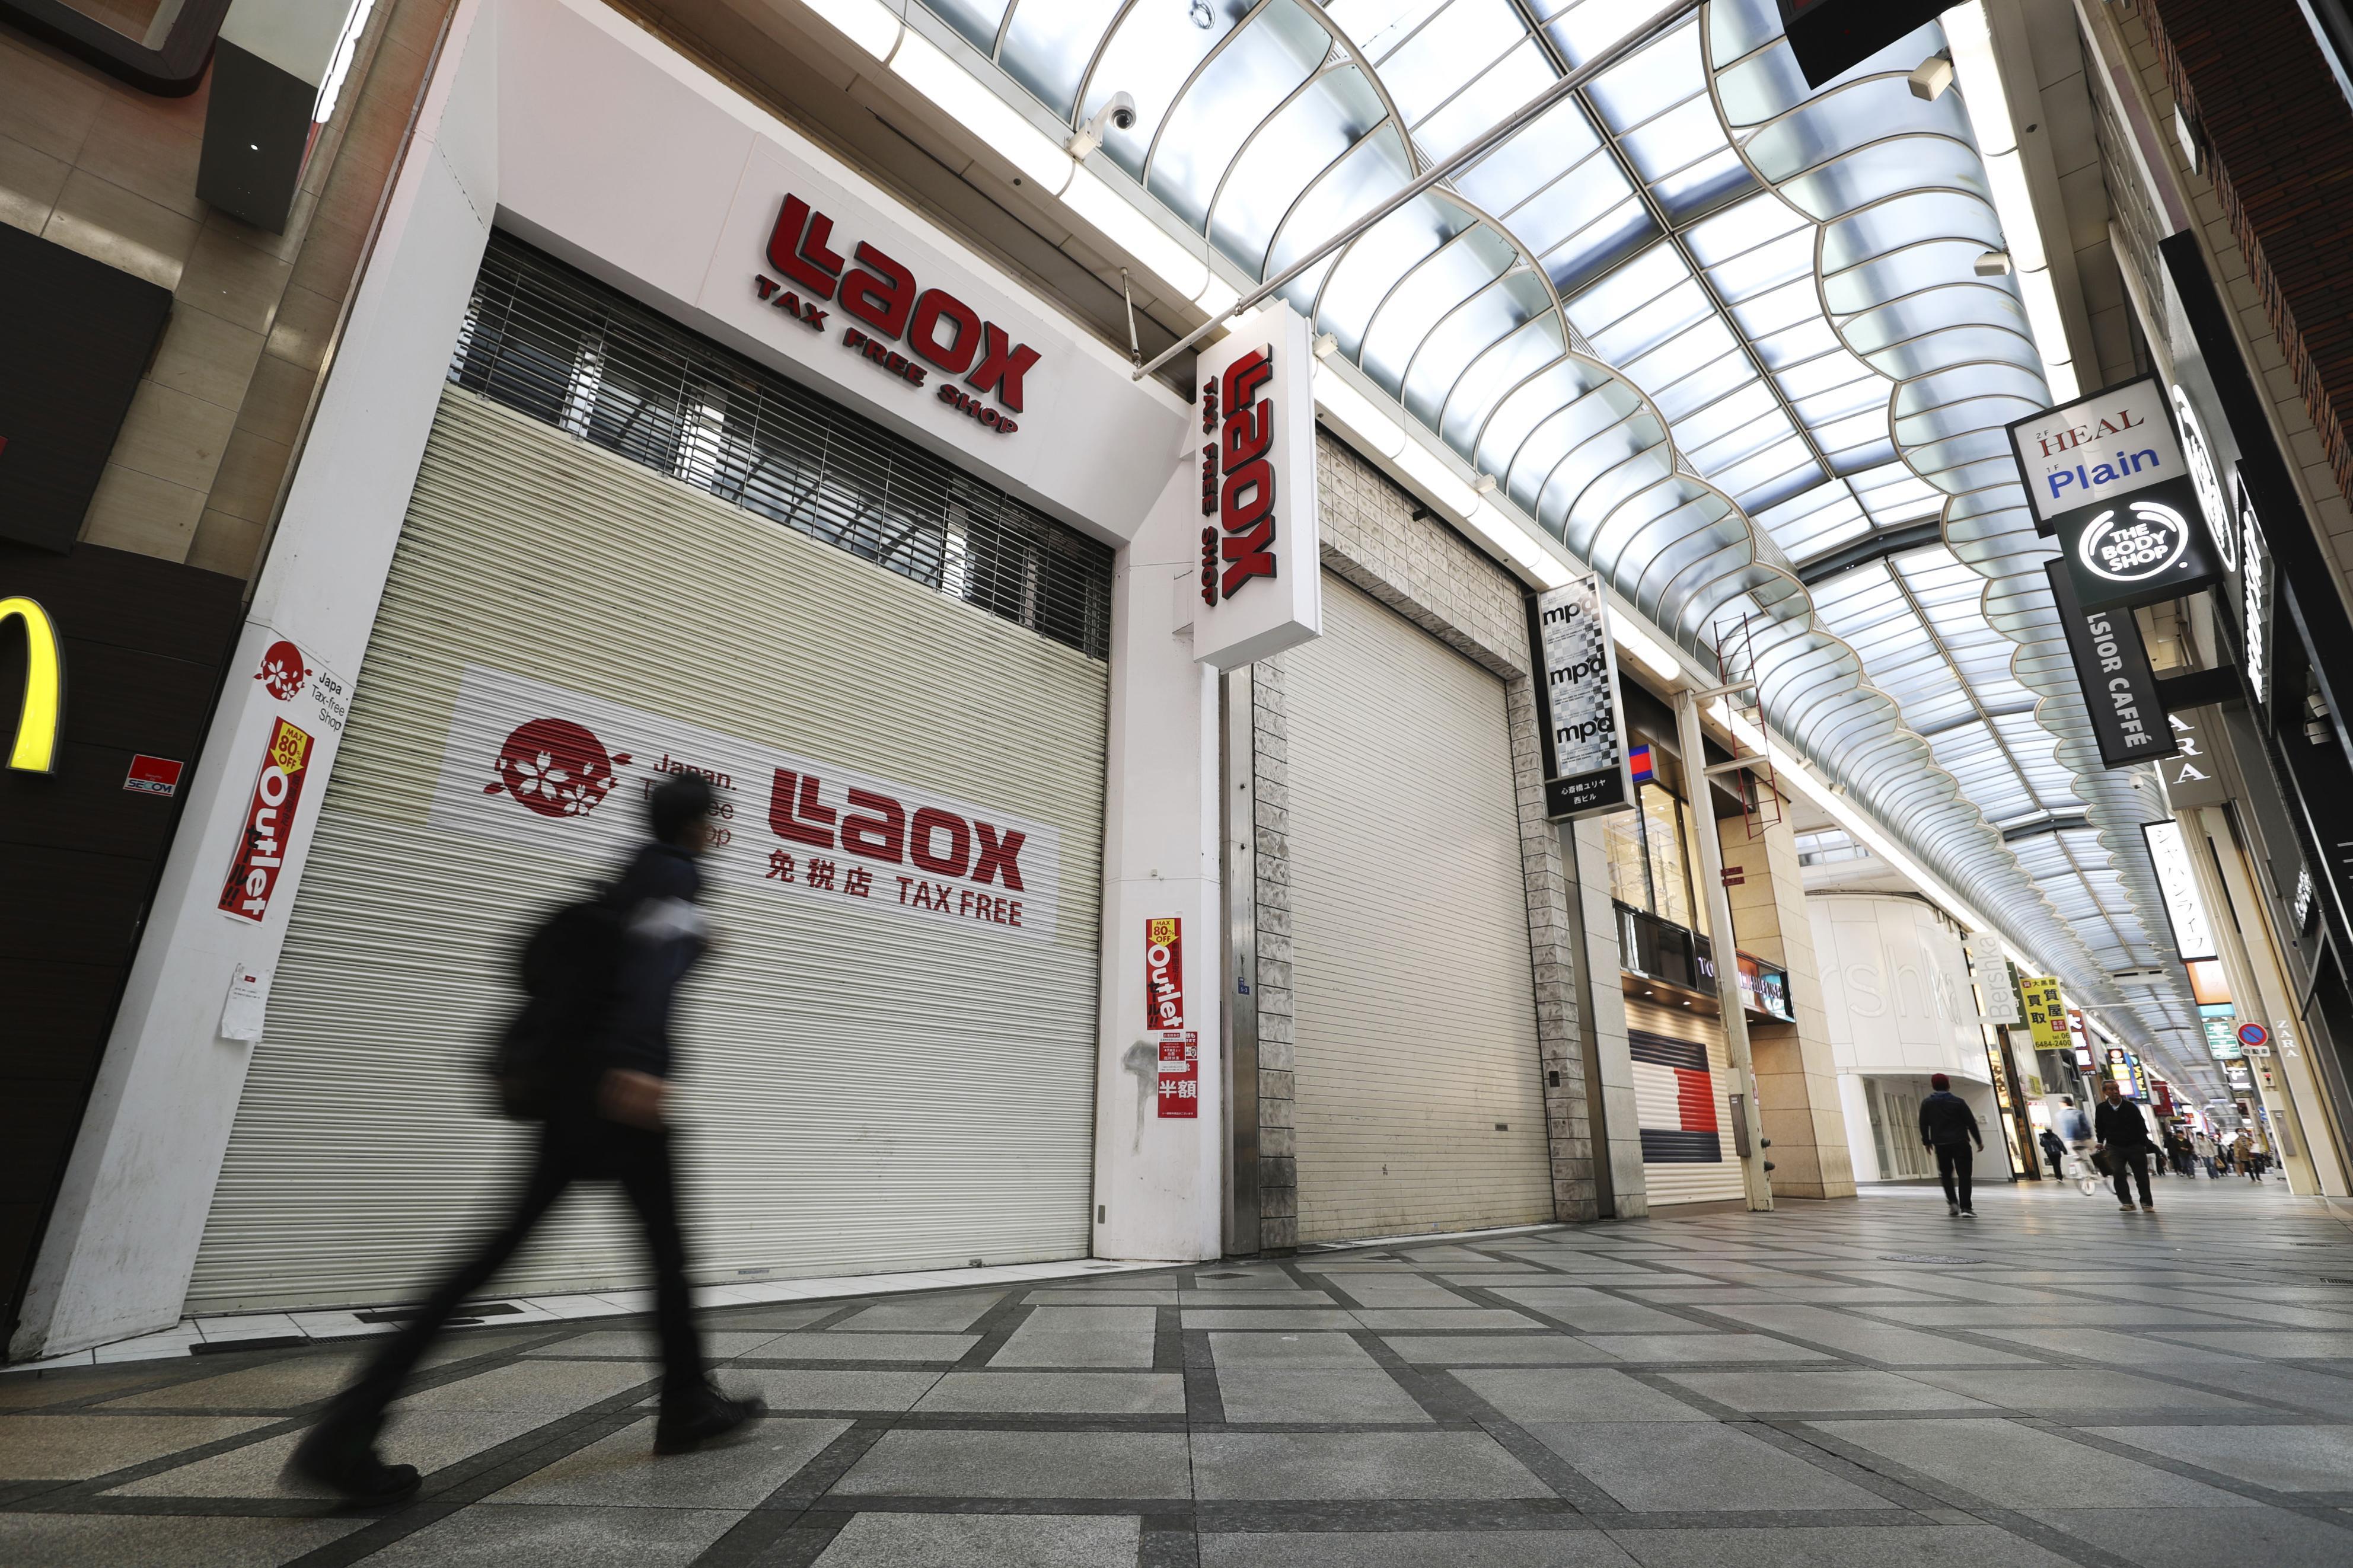 シャッターが閉まった店舗が目立つ大阪・ミナミの商店街=18日